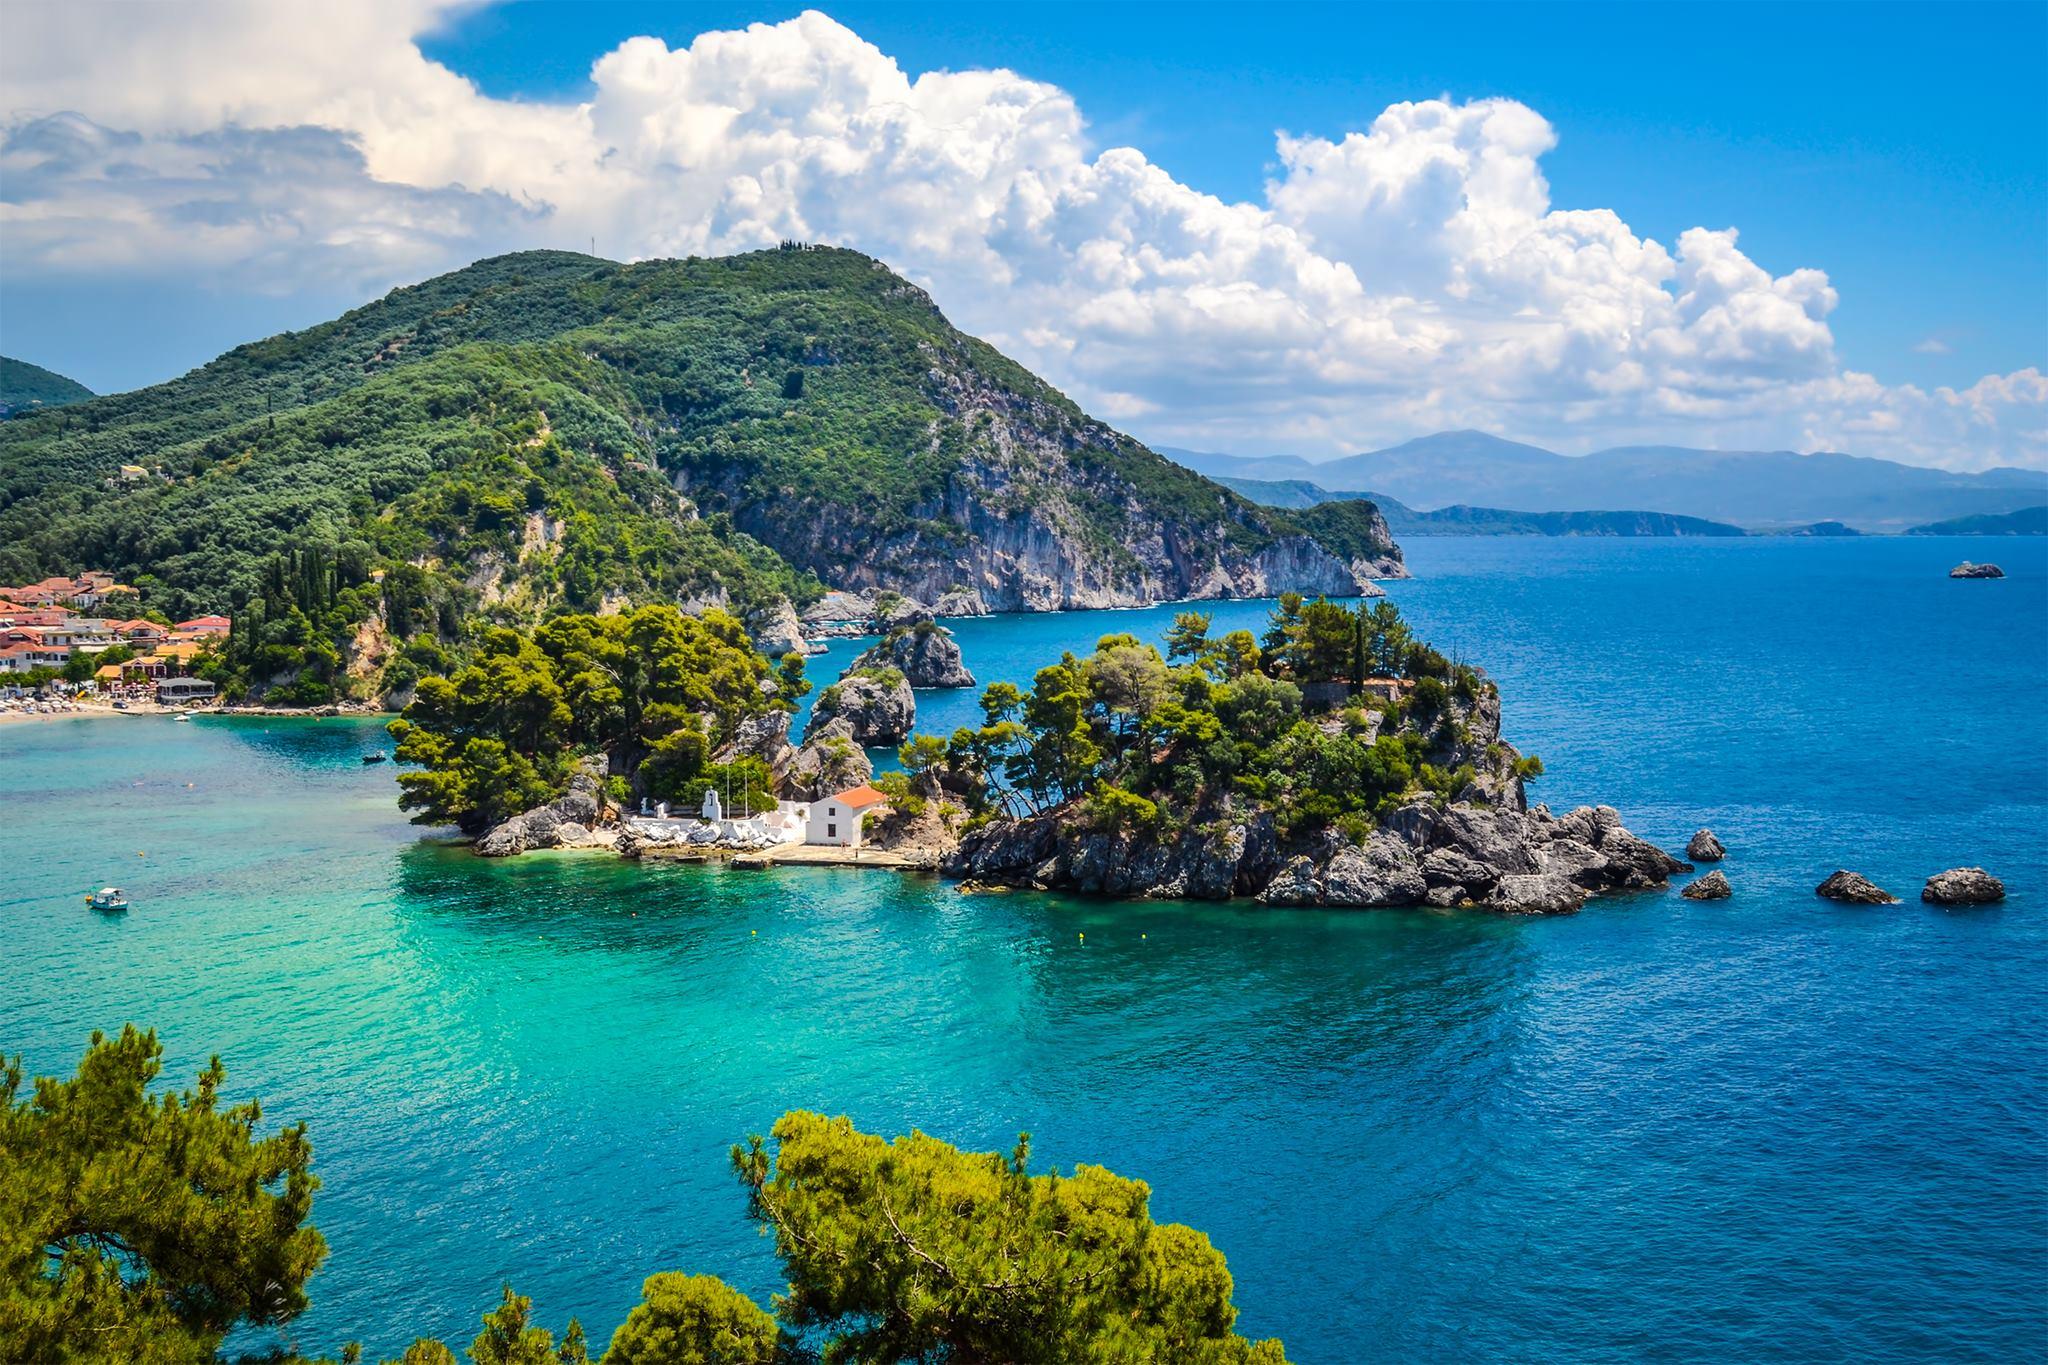 Parga egy bájos kisváros a szárazföldi Görögország nyugati partvidékén, Magyarországról autóval is elérhető